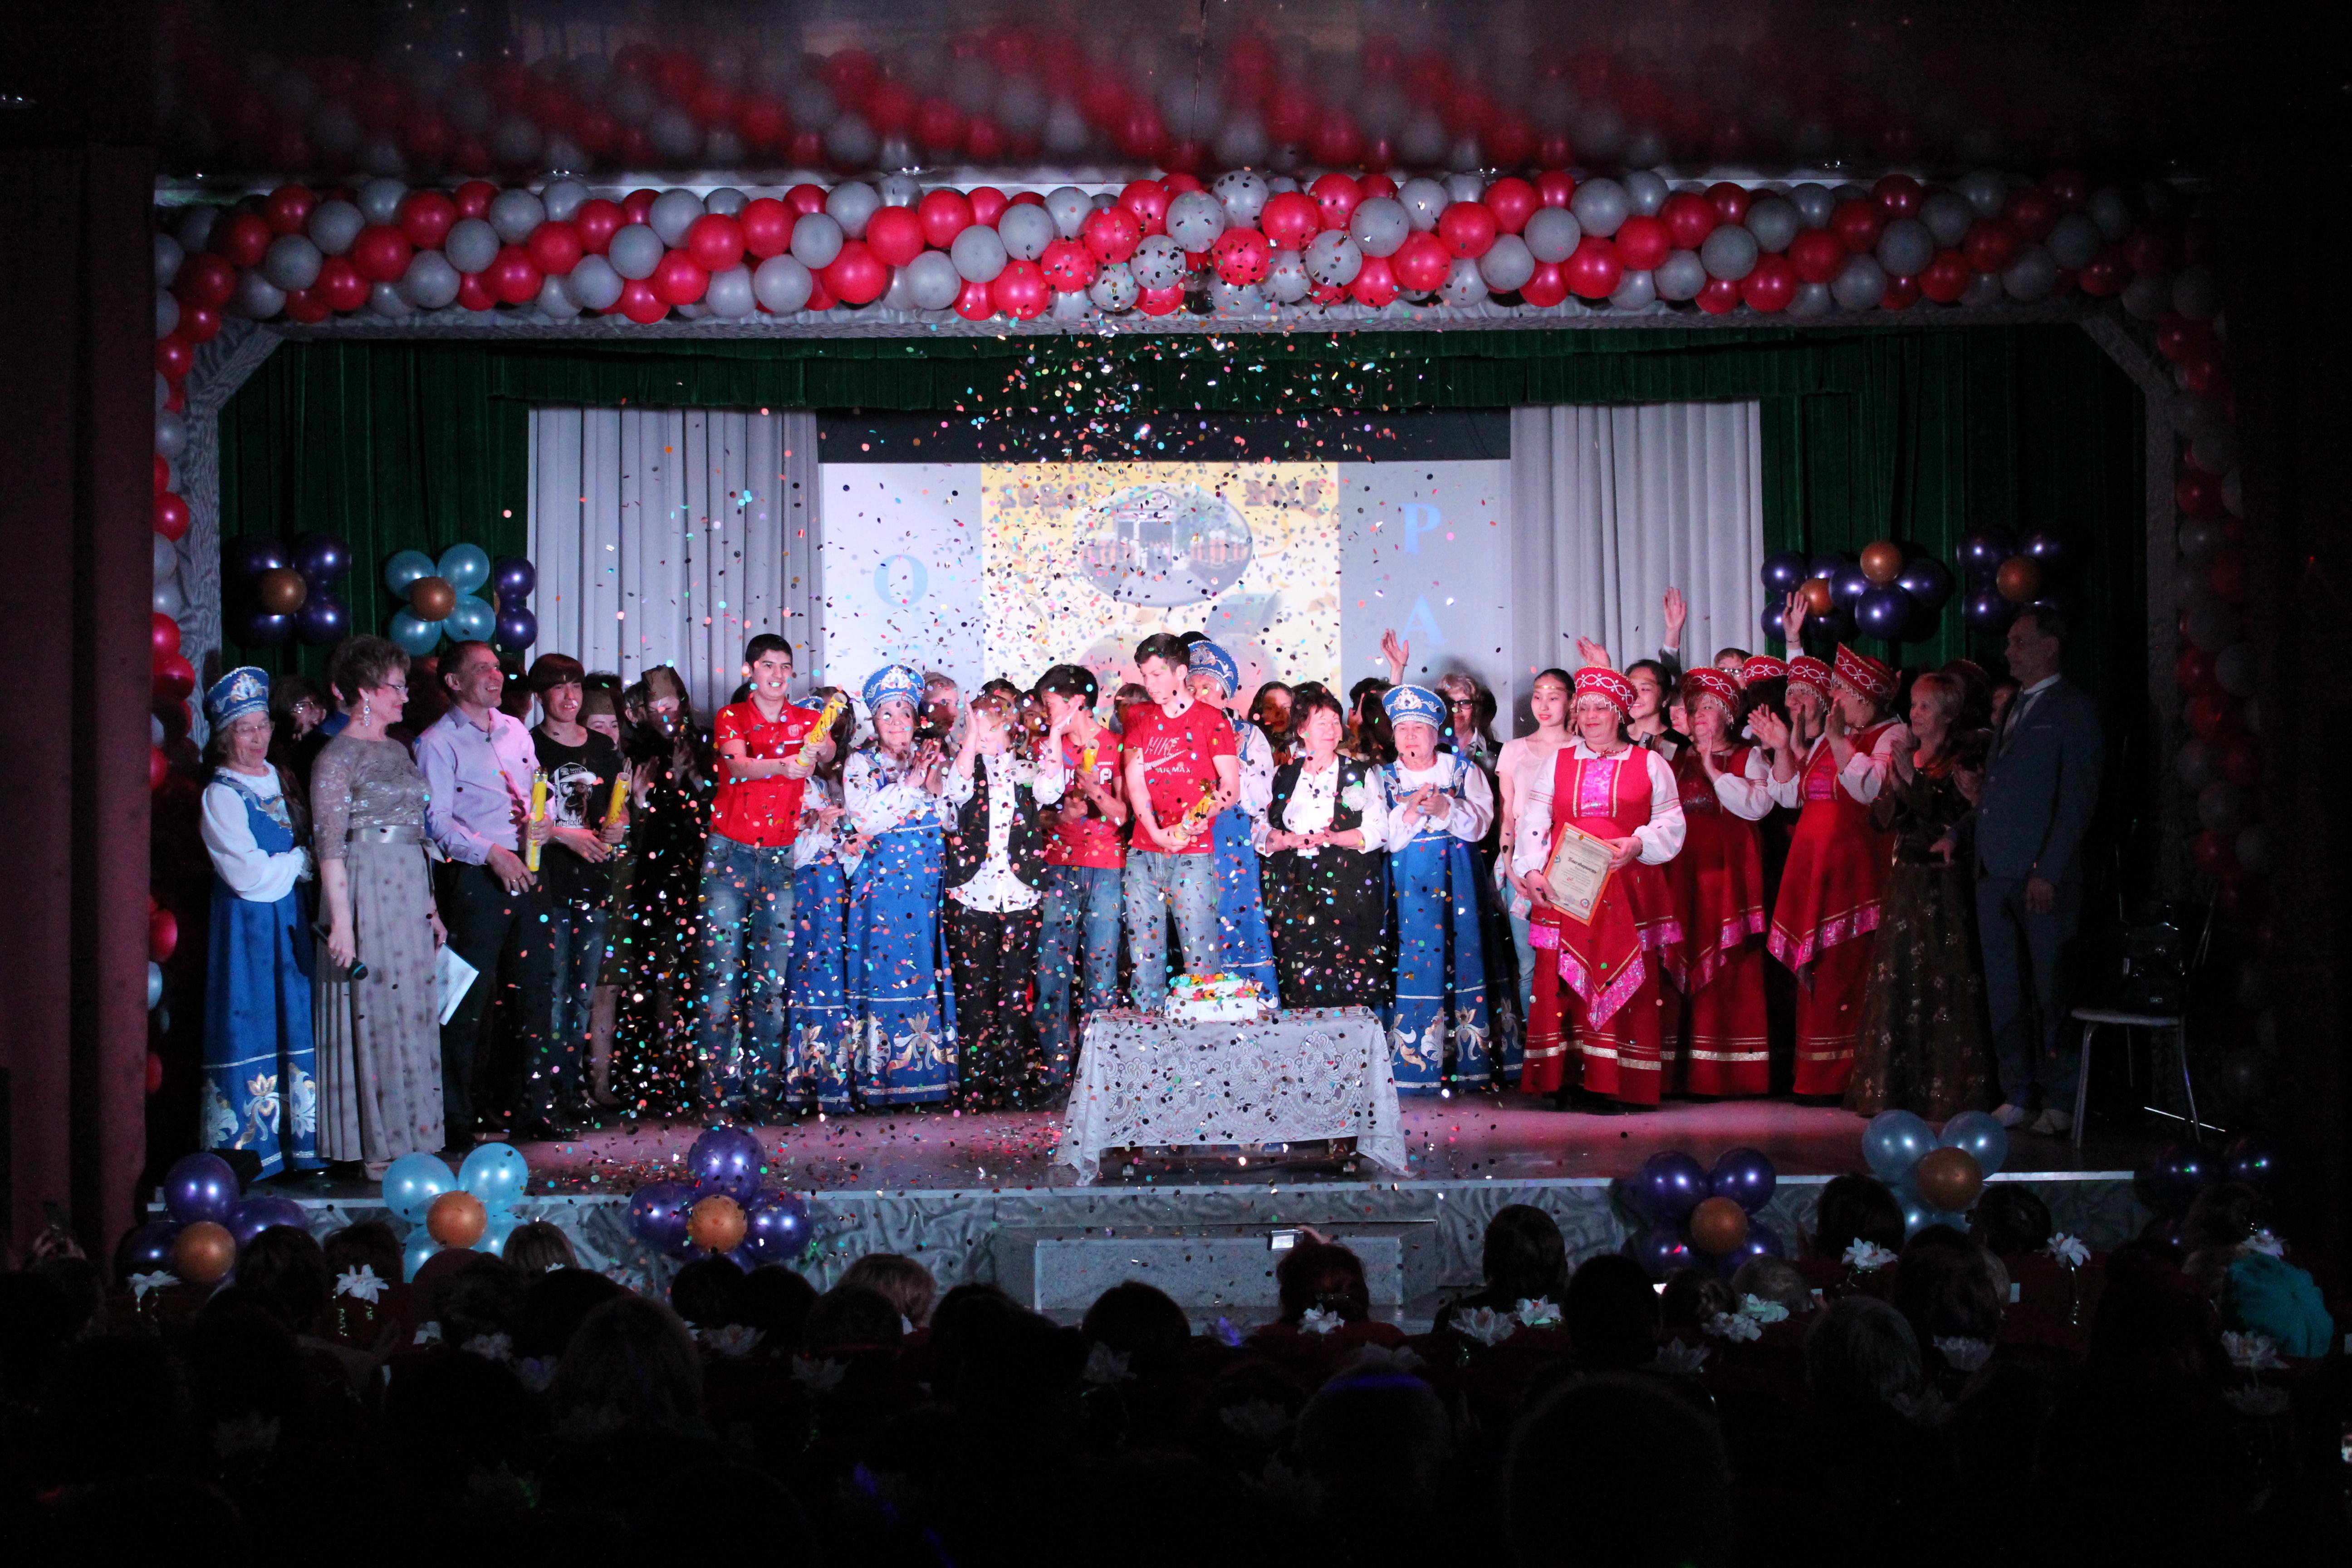 МКУК Межпоселенческий центральный Дом Культуры  им. С. Рычковой  отметил 85 - ый Юбилей!